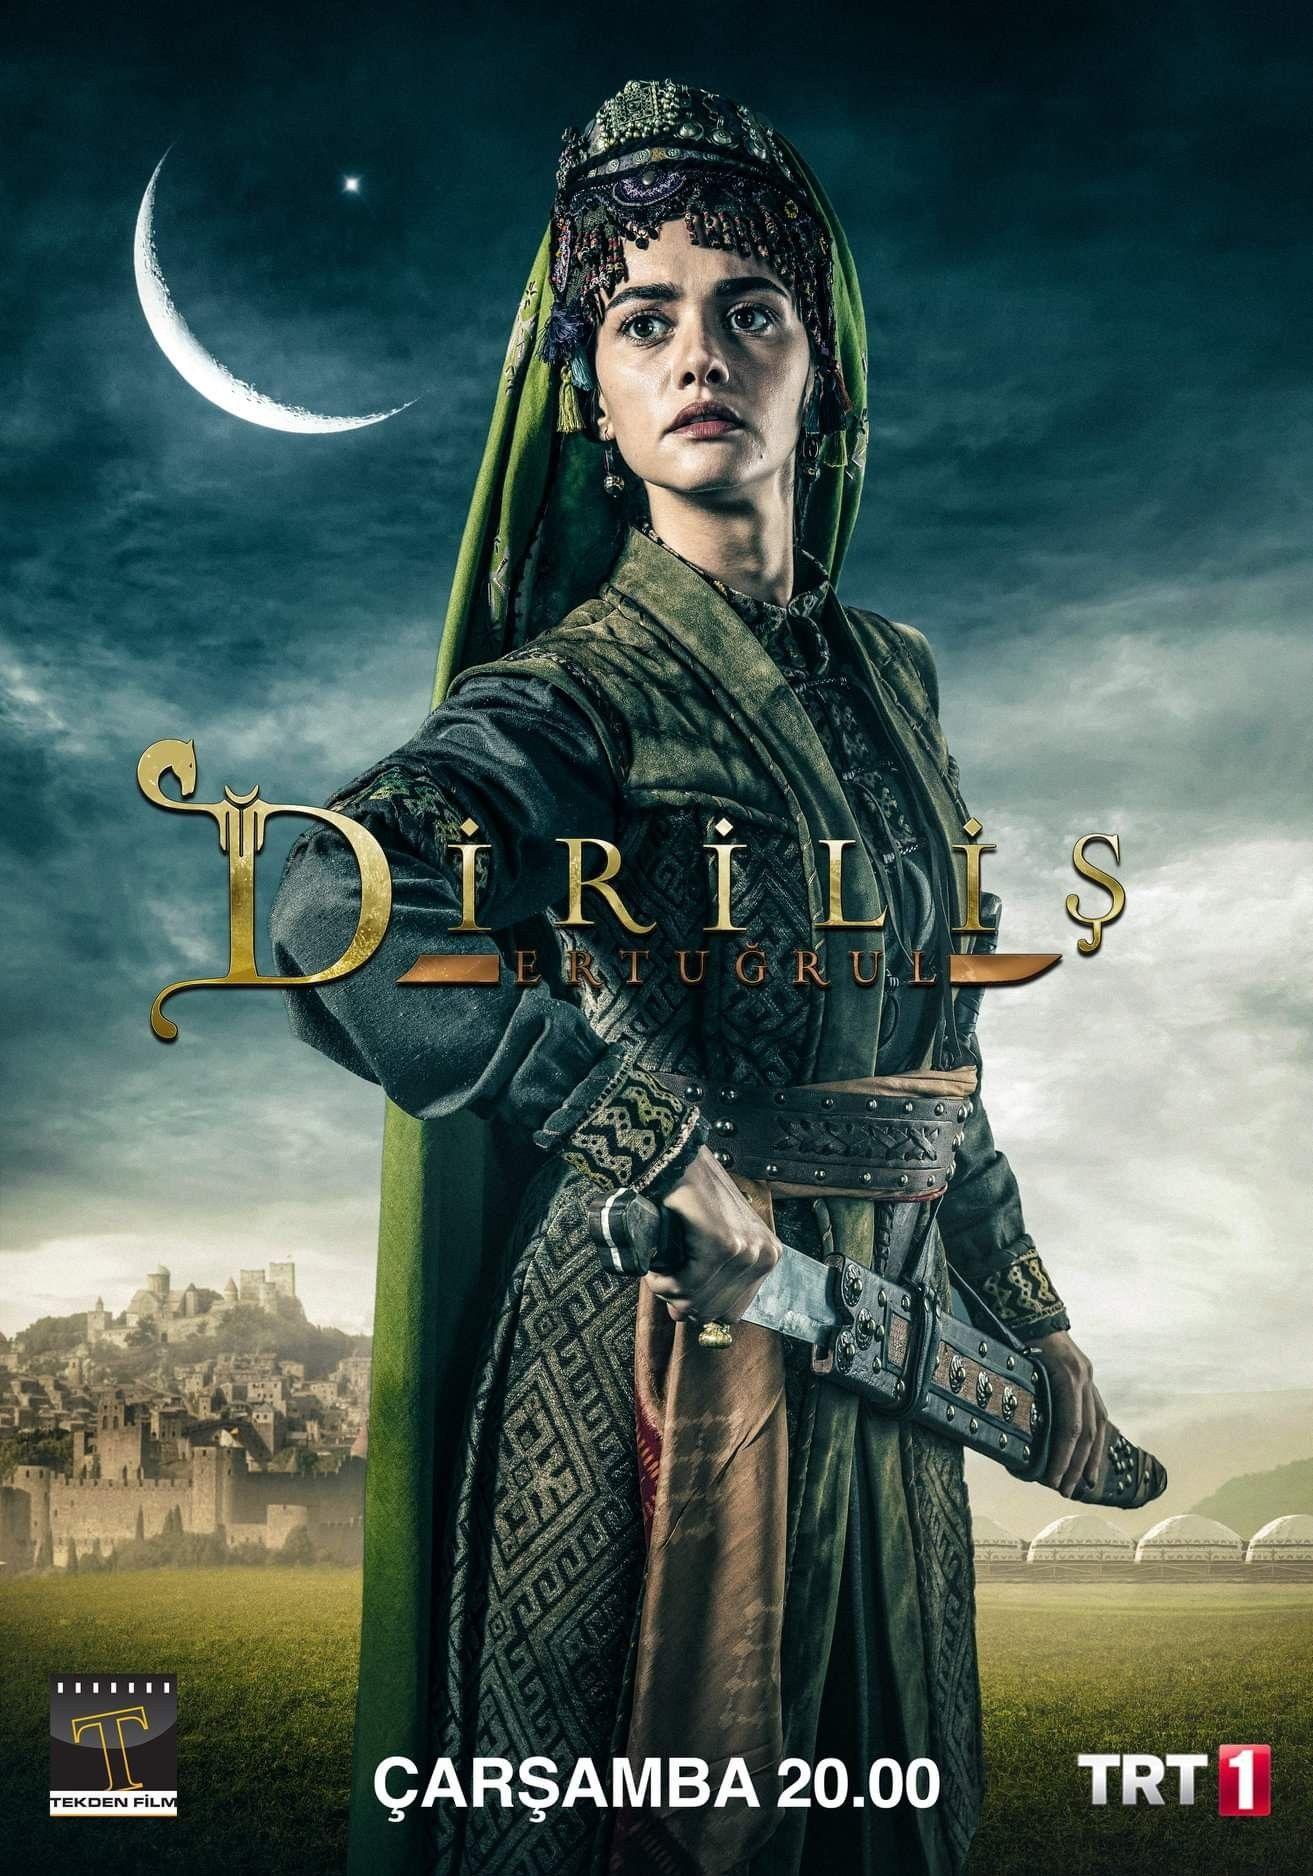 Dirilis Ertugrul, season 5 | Ertugrul in 2019 | Art